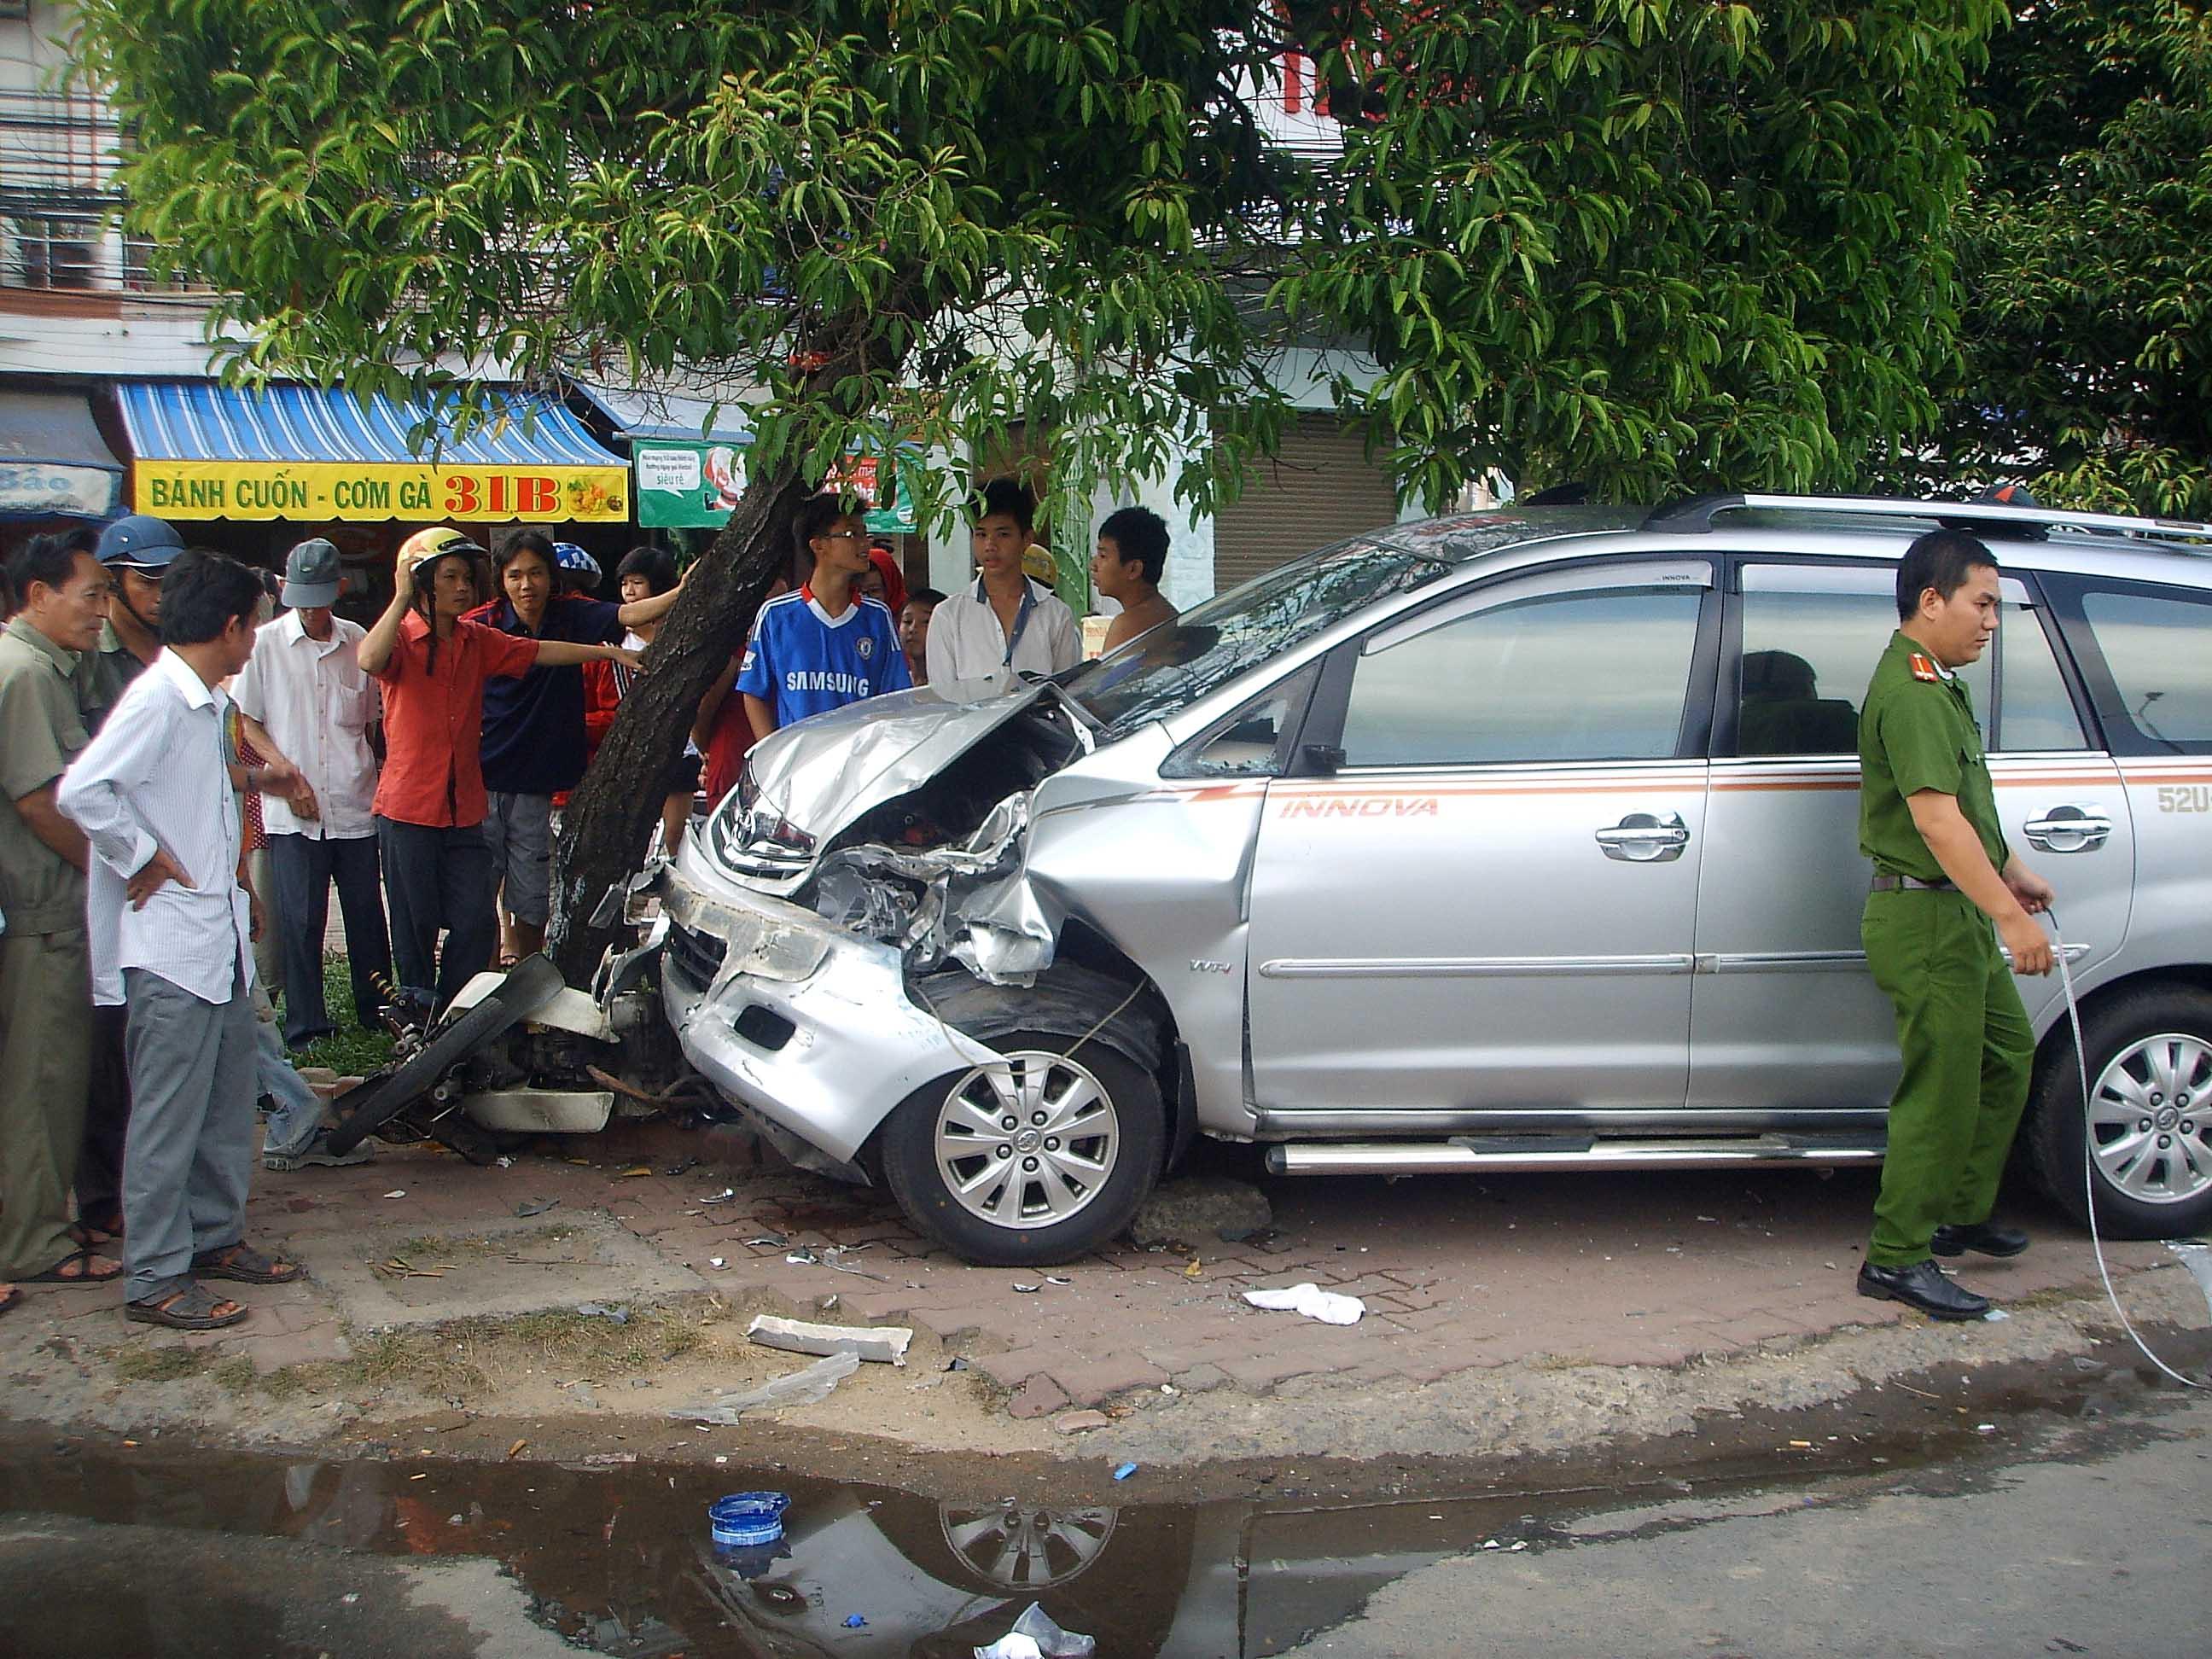 Công ty phải bồi thường thiệt hại khi lái xe gây tai nạn